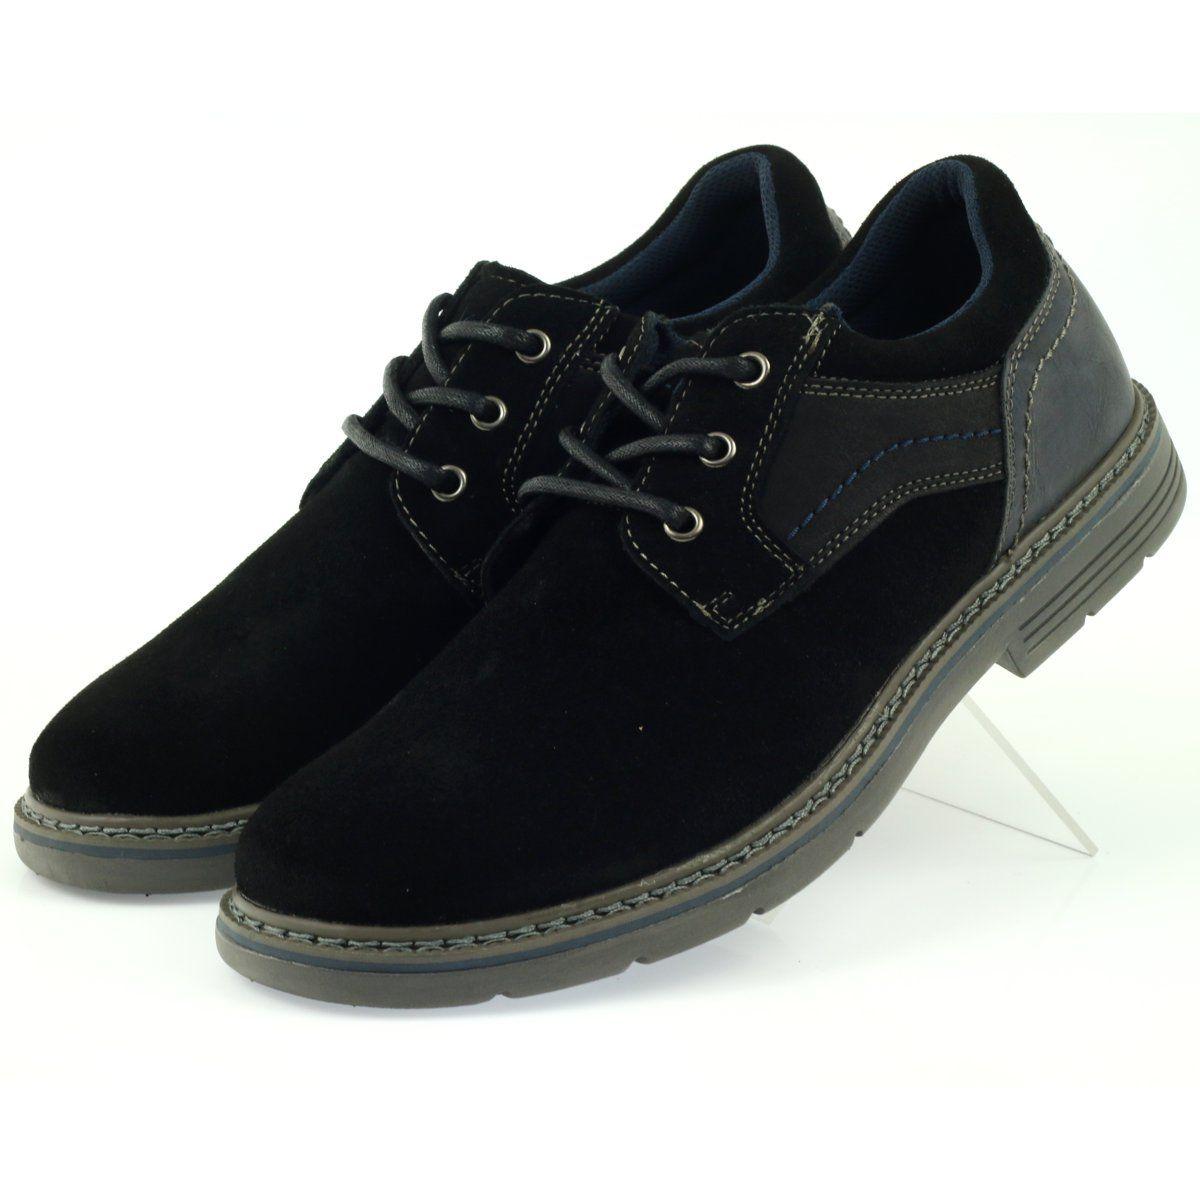 Mckey Polbuty Meskie Zamszowe 285 Czarne Granatowe Mens Boots Fashion Suede Shoes Men Men Suede